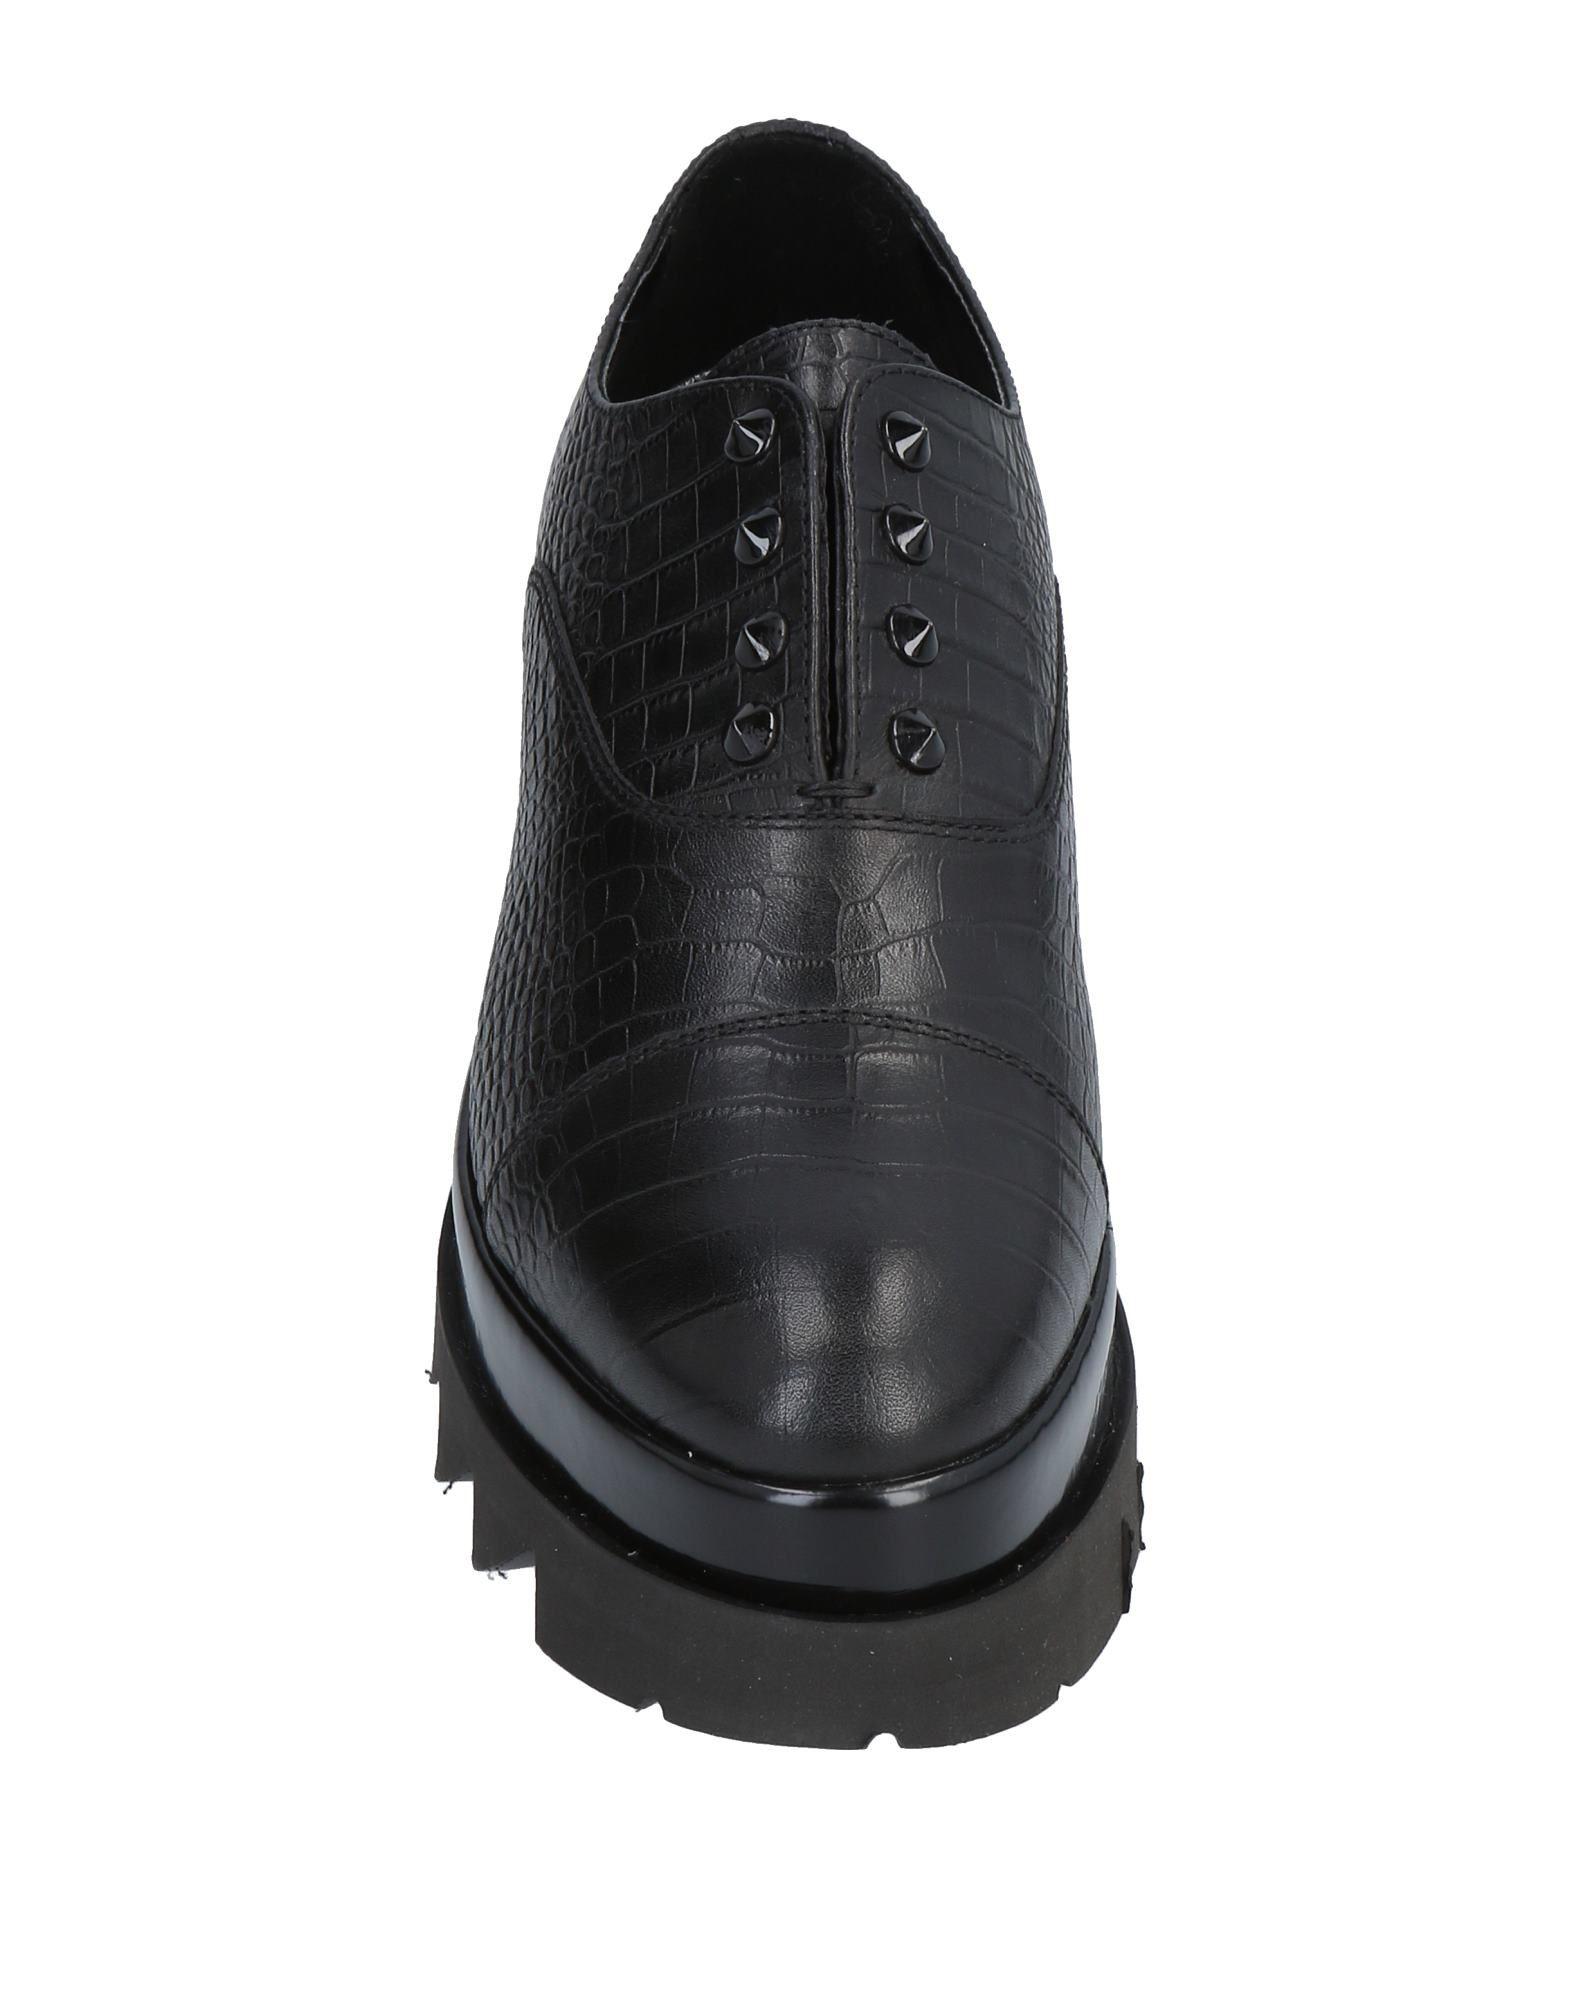 Cult Mokassins Damen  11477016XS Gute Qualität beliebte Schuhe